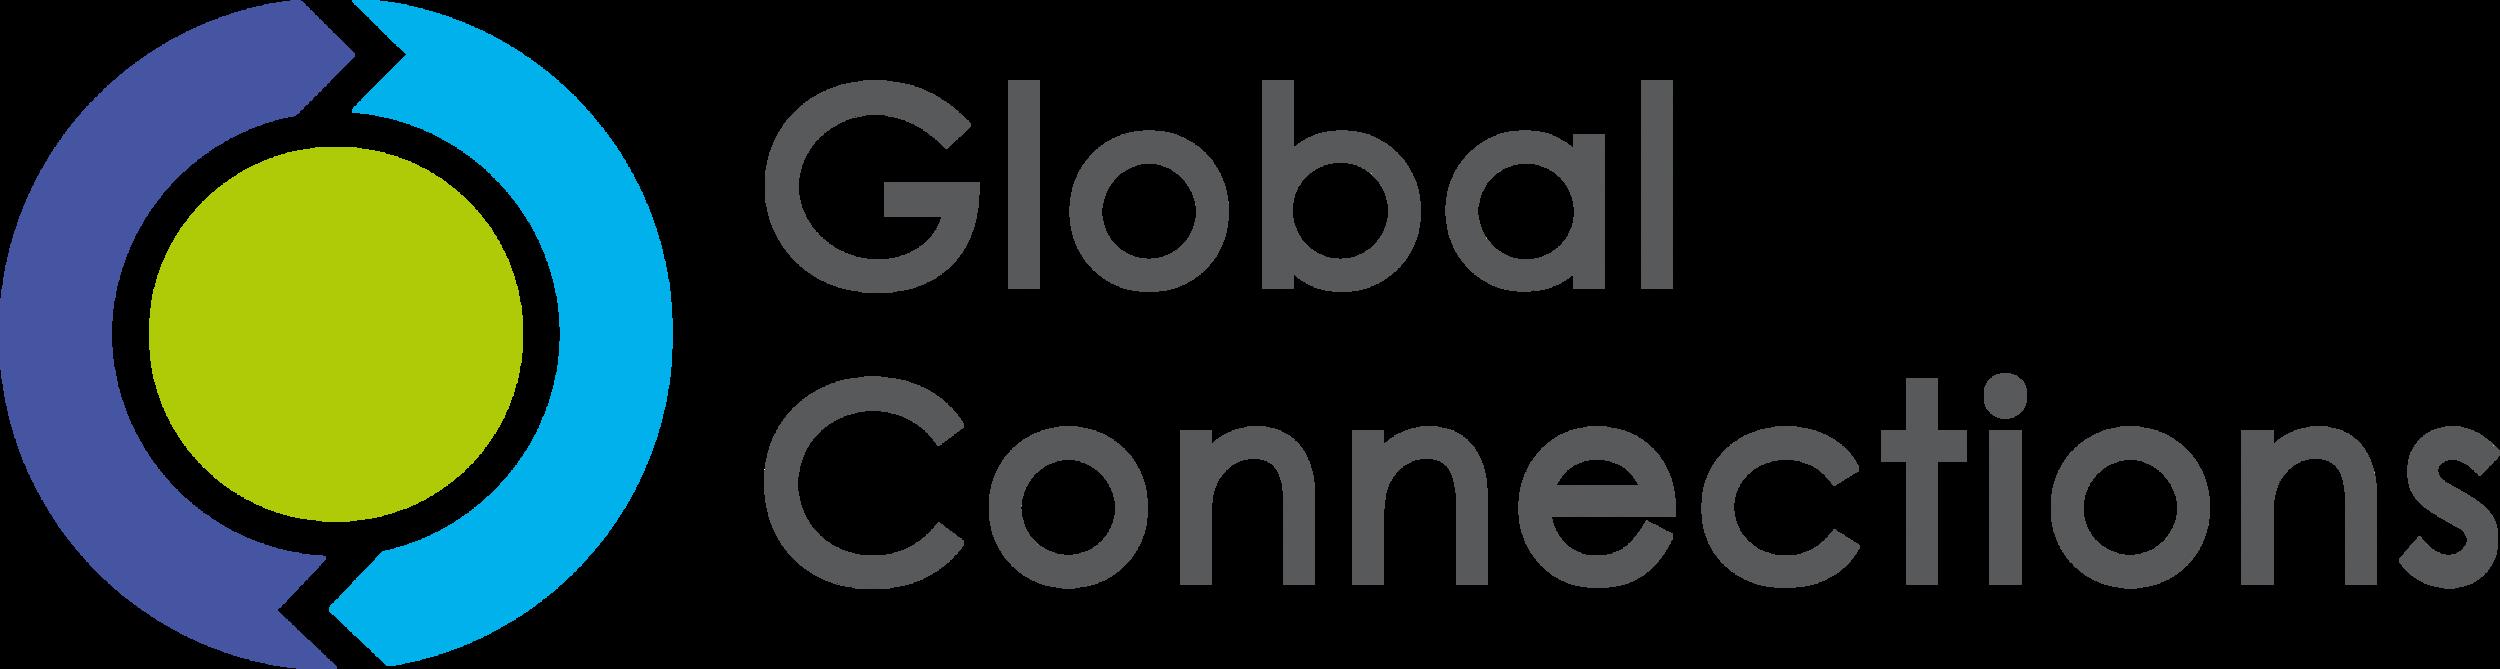 GC_Logo_RGB large.png